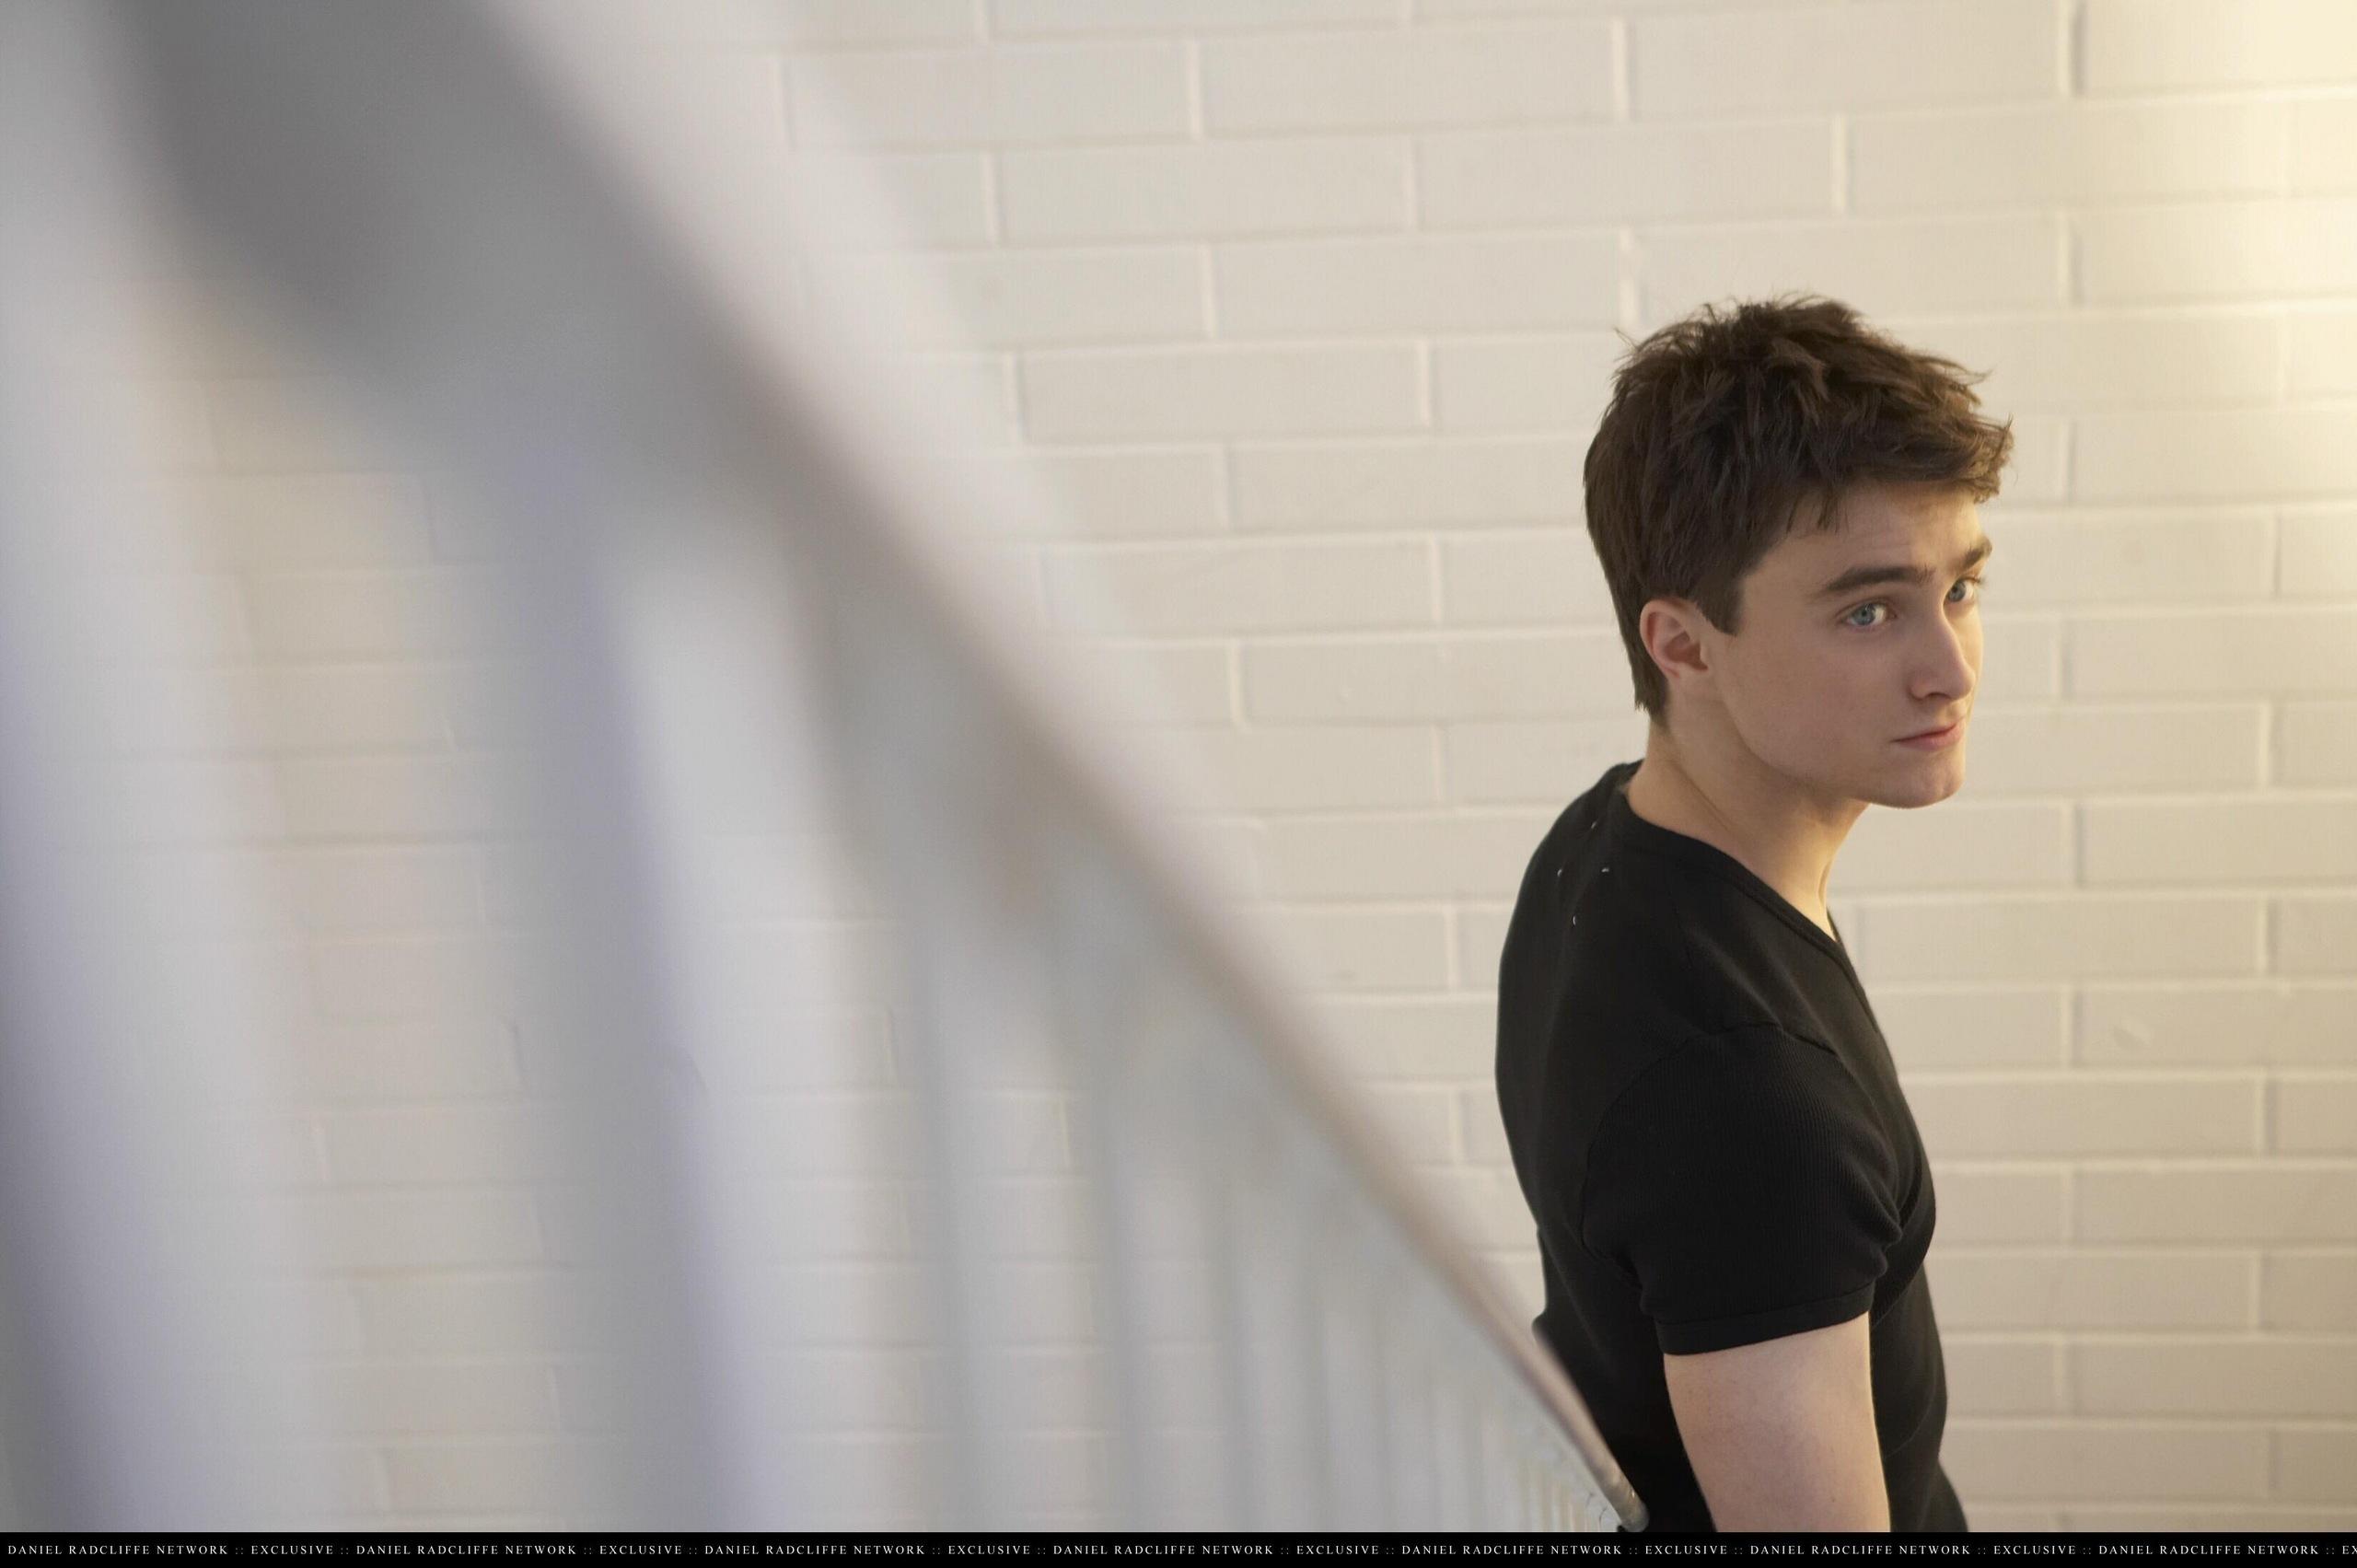 Daniel Radcliffe - Daniel Radcliffe Photo (22049322) - Fanpop Daniel Radcliffe Fan